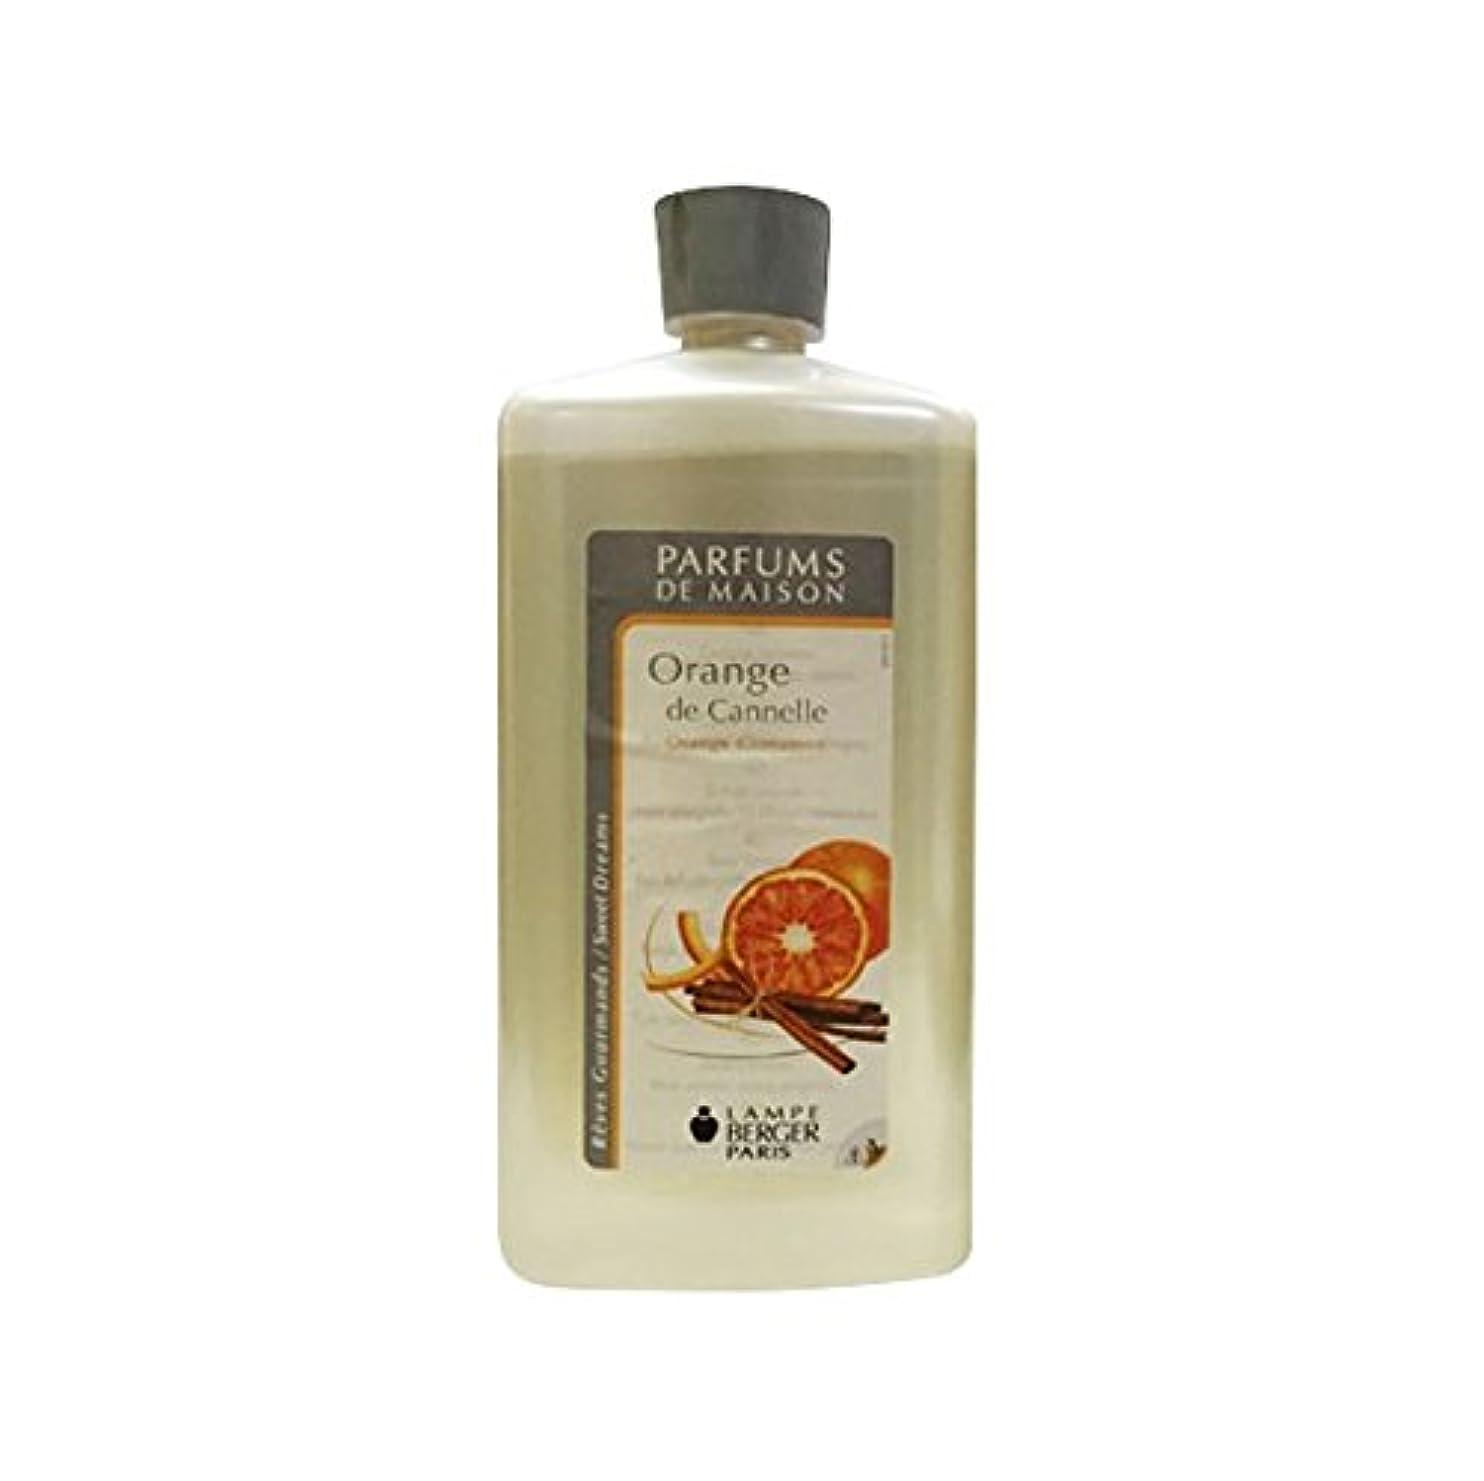 屋内で山積みのリフレッシュランプベルジェオイル(オレンジシナモン)Orange de Cannelle / Orange Cinnamon